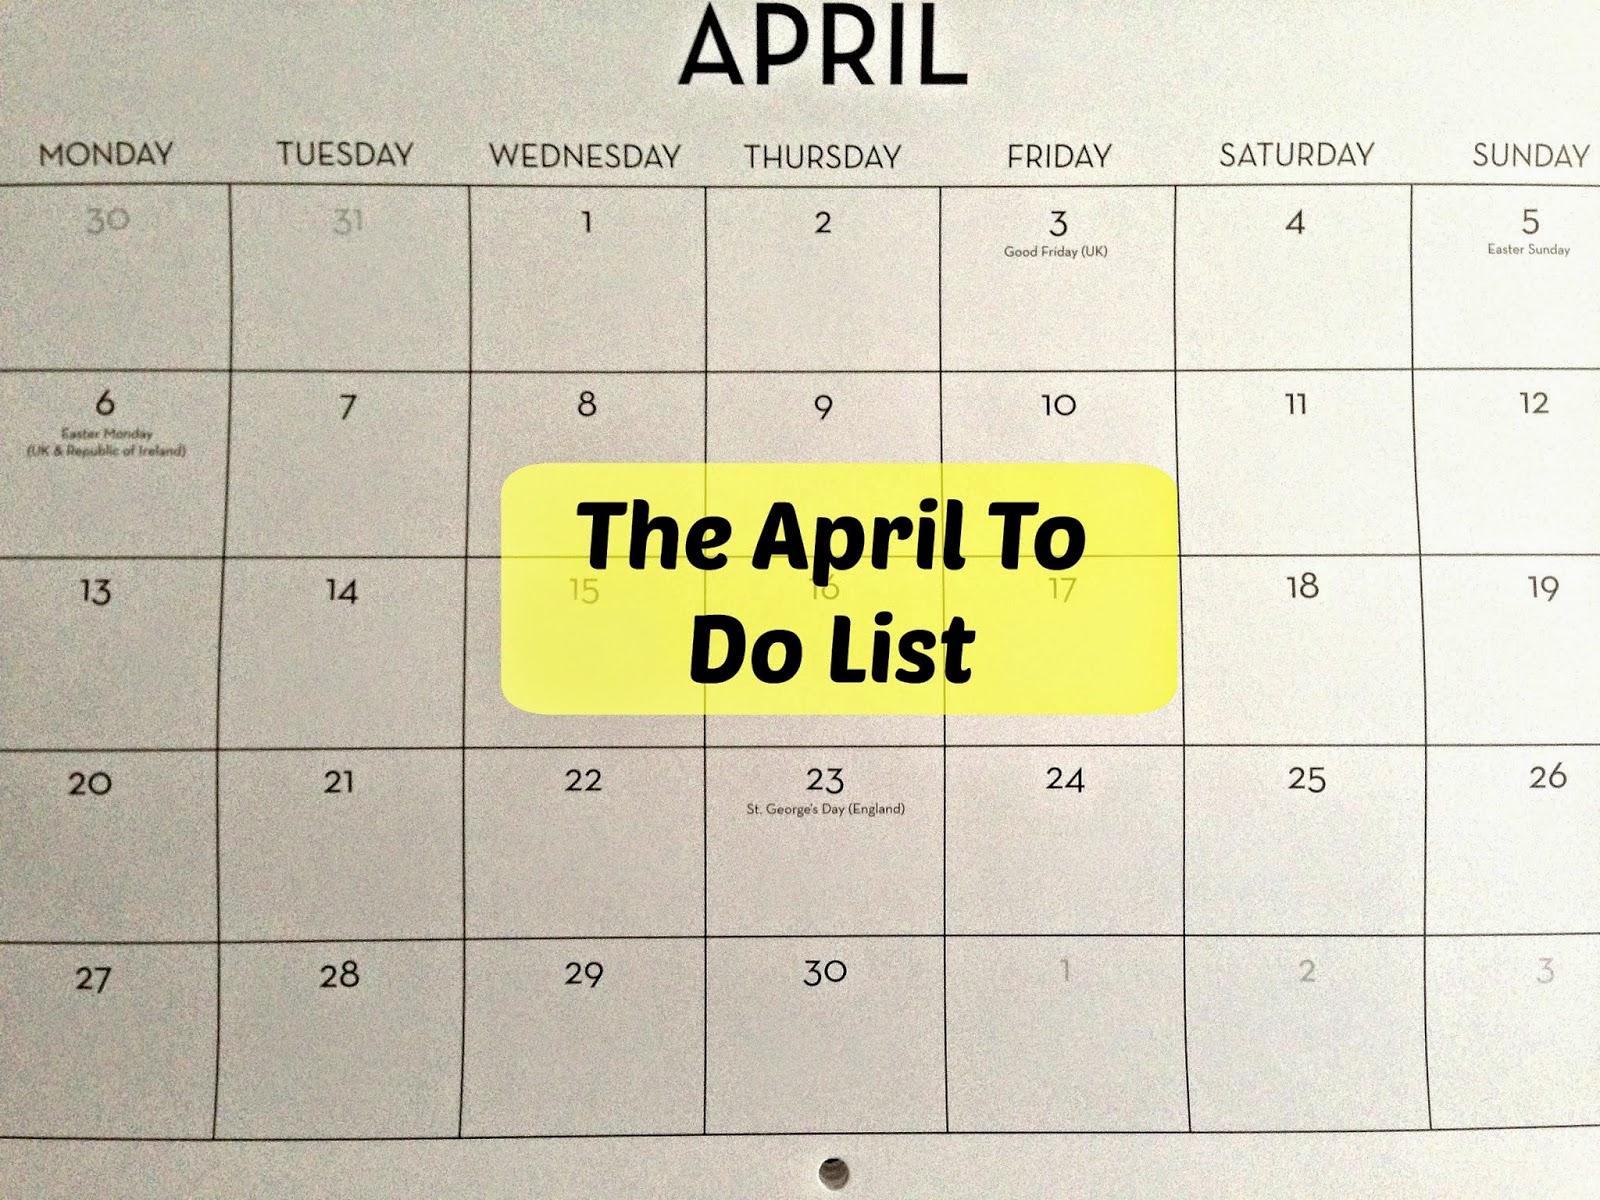 April To Do List 2015